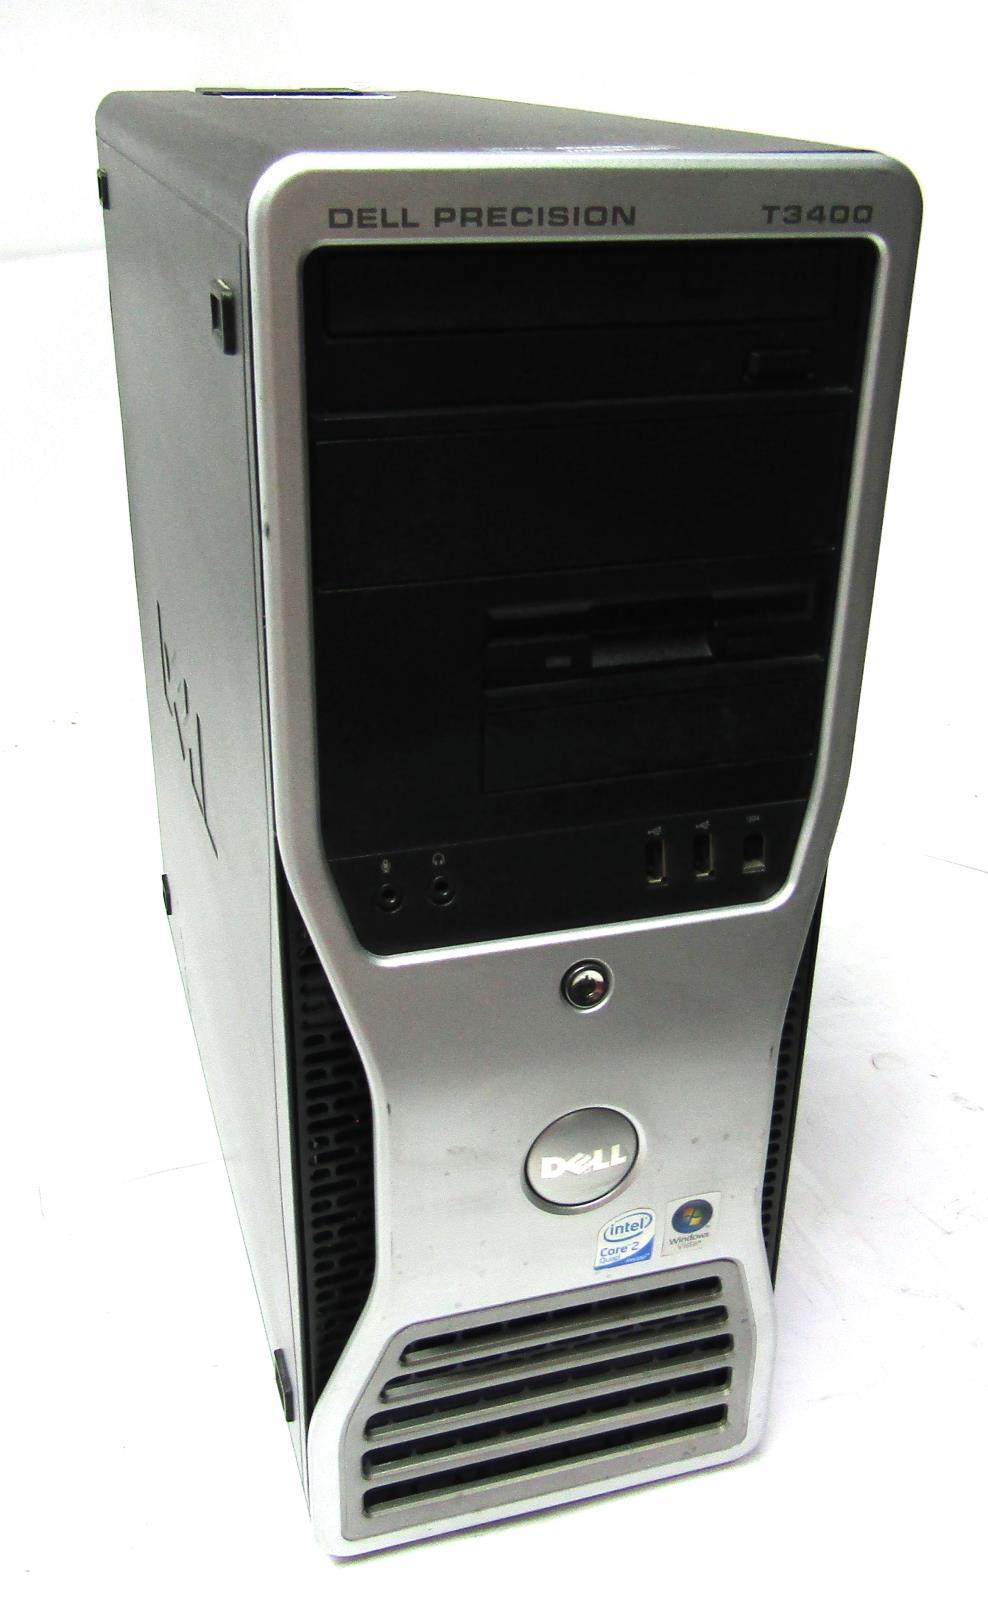 DELL T3400 PCI DEVICE WINDOWS DRIVER